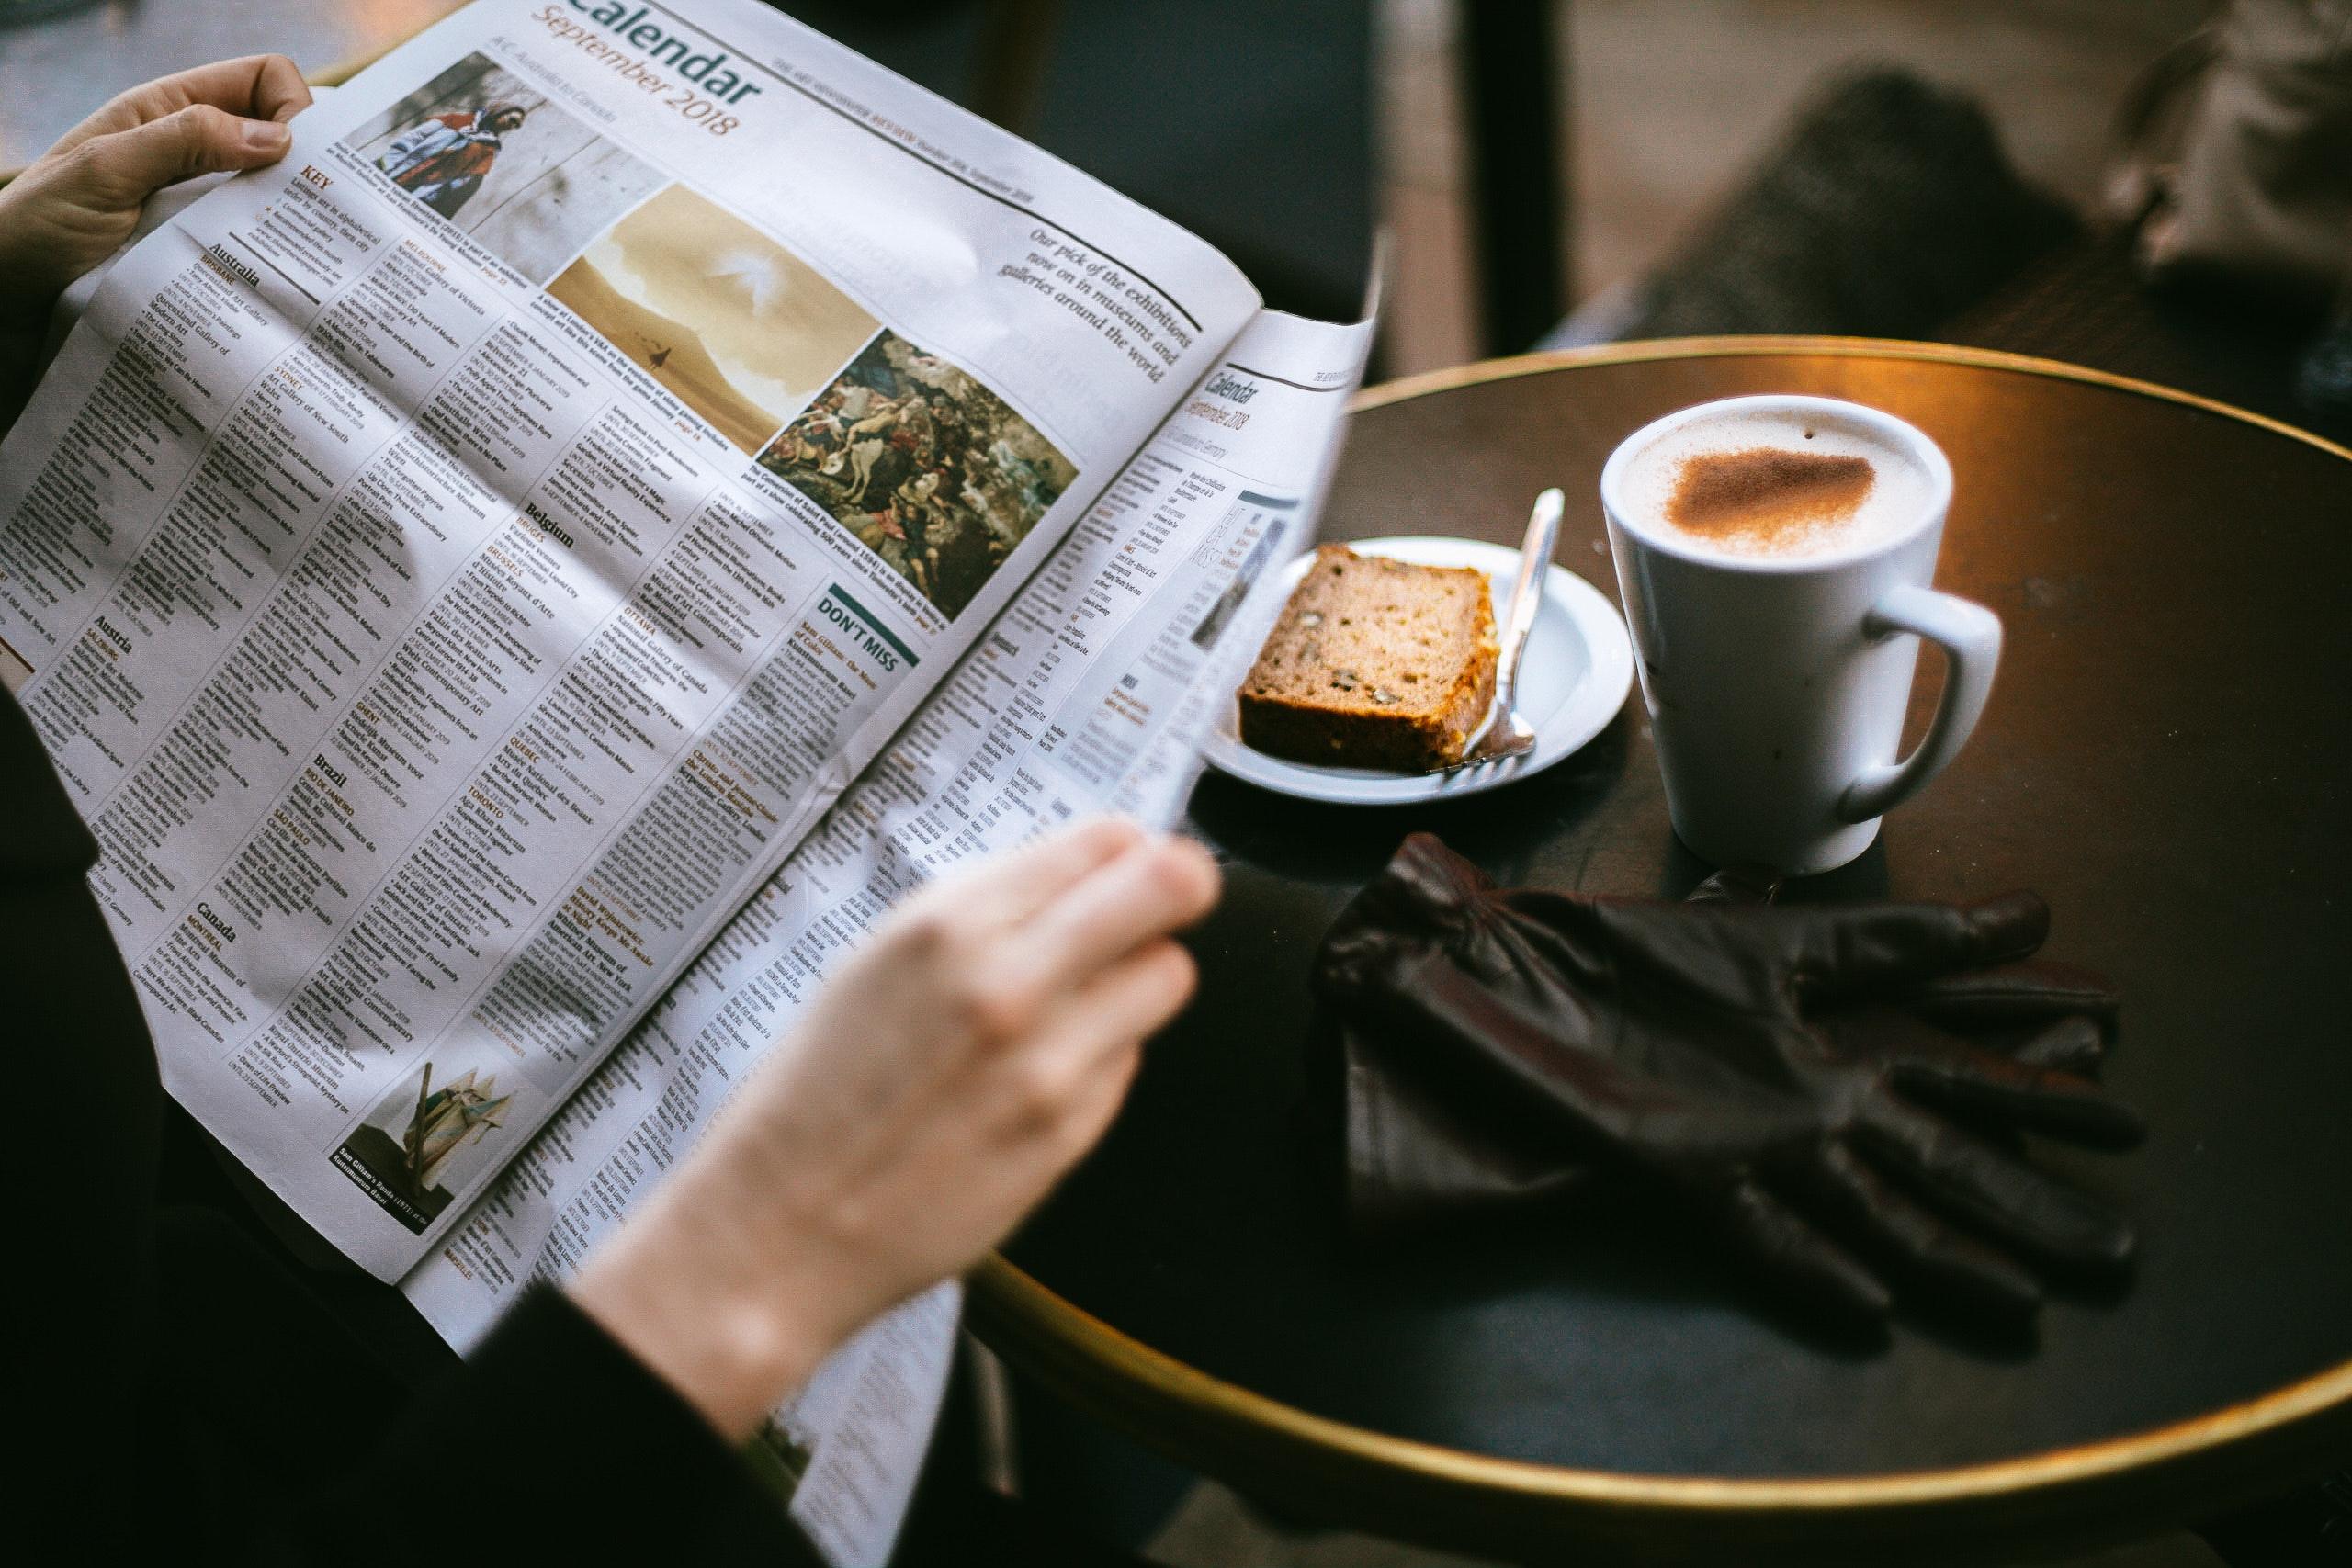 branje časopisa